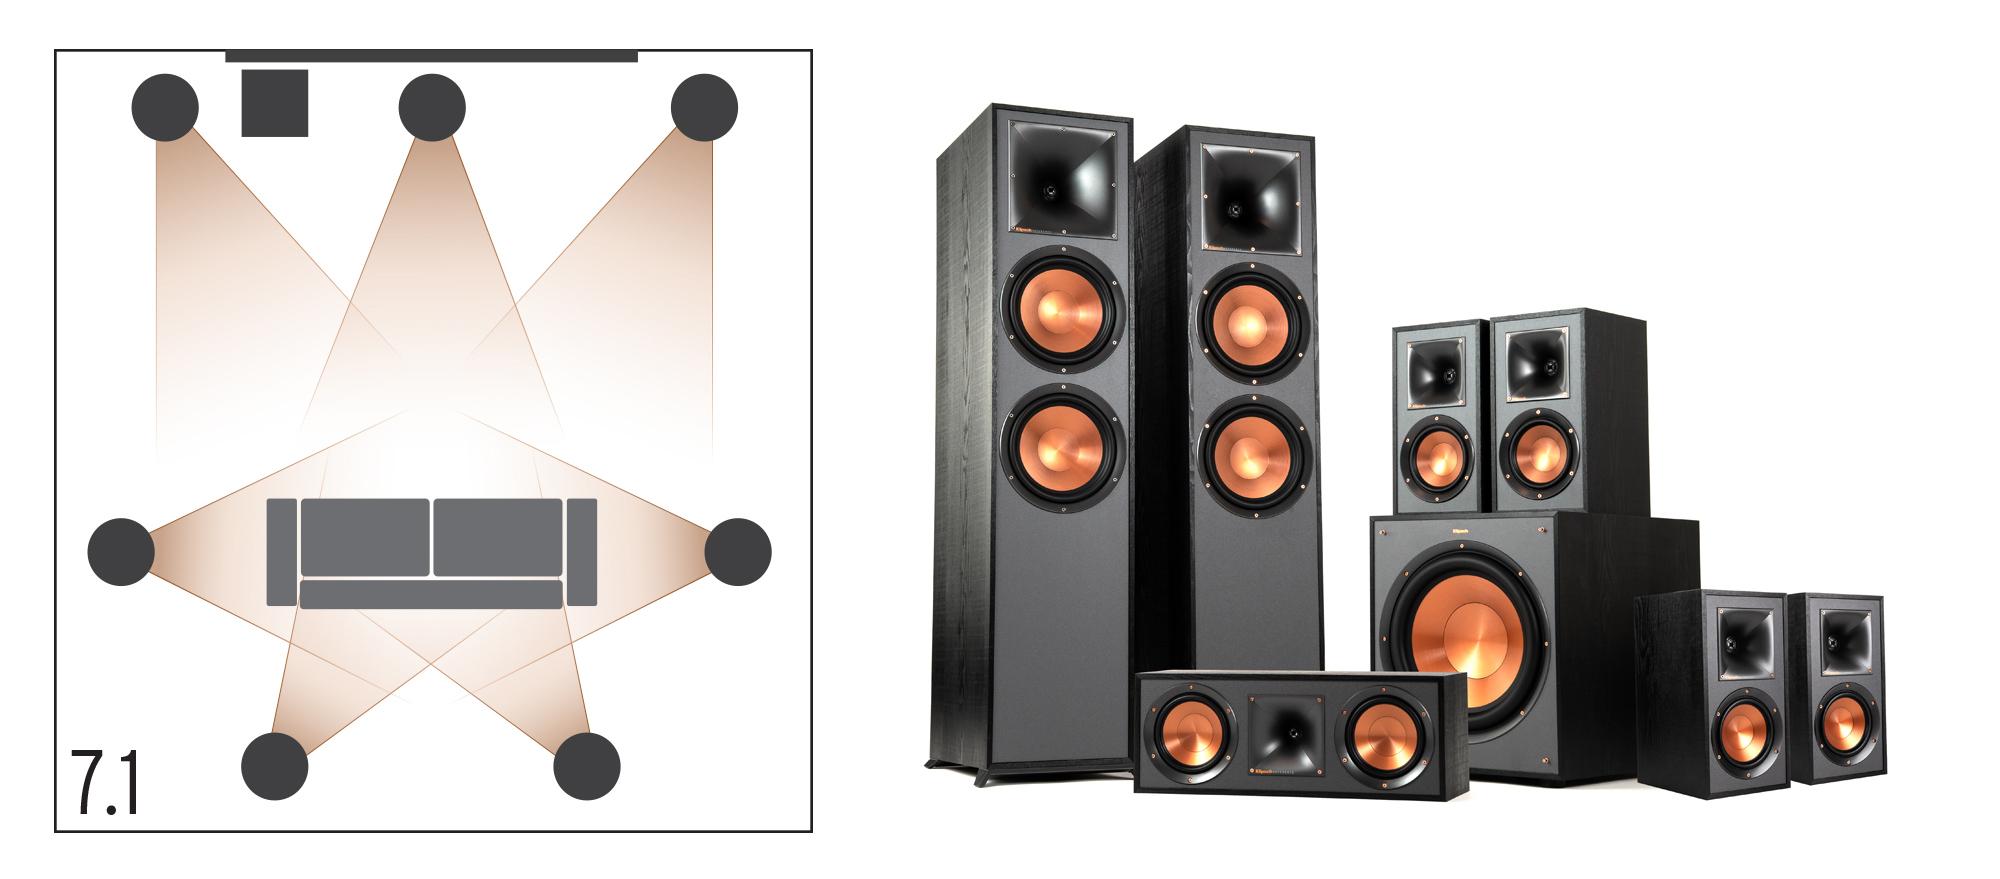 Klipsch surround sound 7.1 home theater configuration